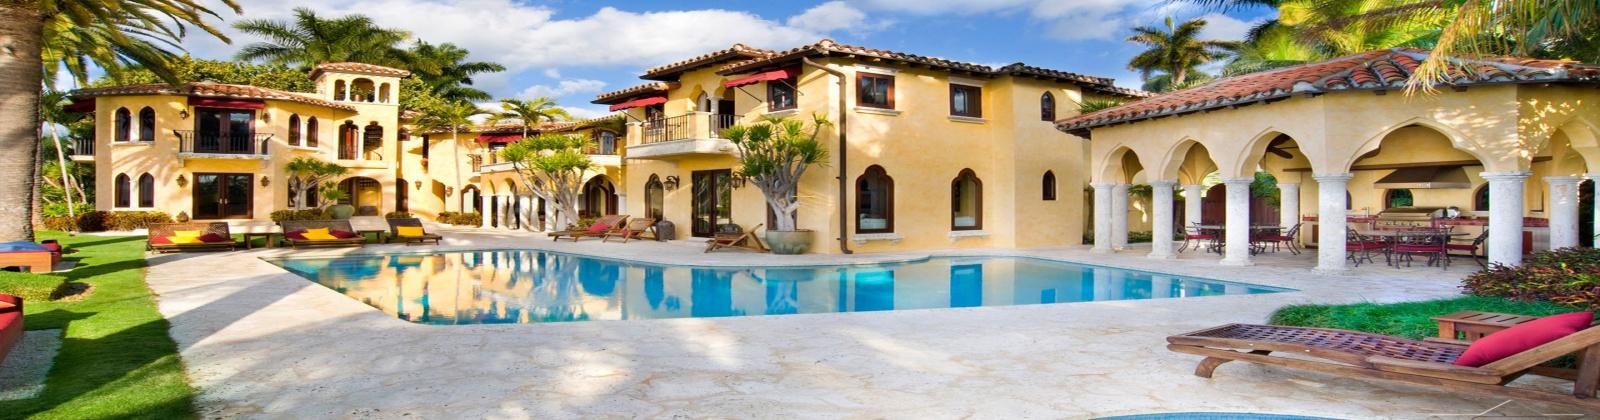 2658 Gran Deur South, Enines, Rhode Island, 6 Bedrooms Bedrooms, 6 Rooms Rooms,8 BathroomsBathrooms,Land,For Rent,Gran Deur South,1004